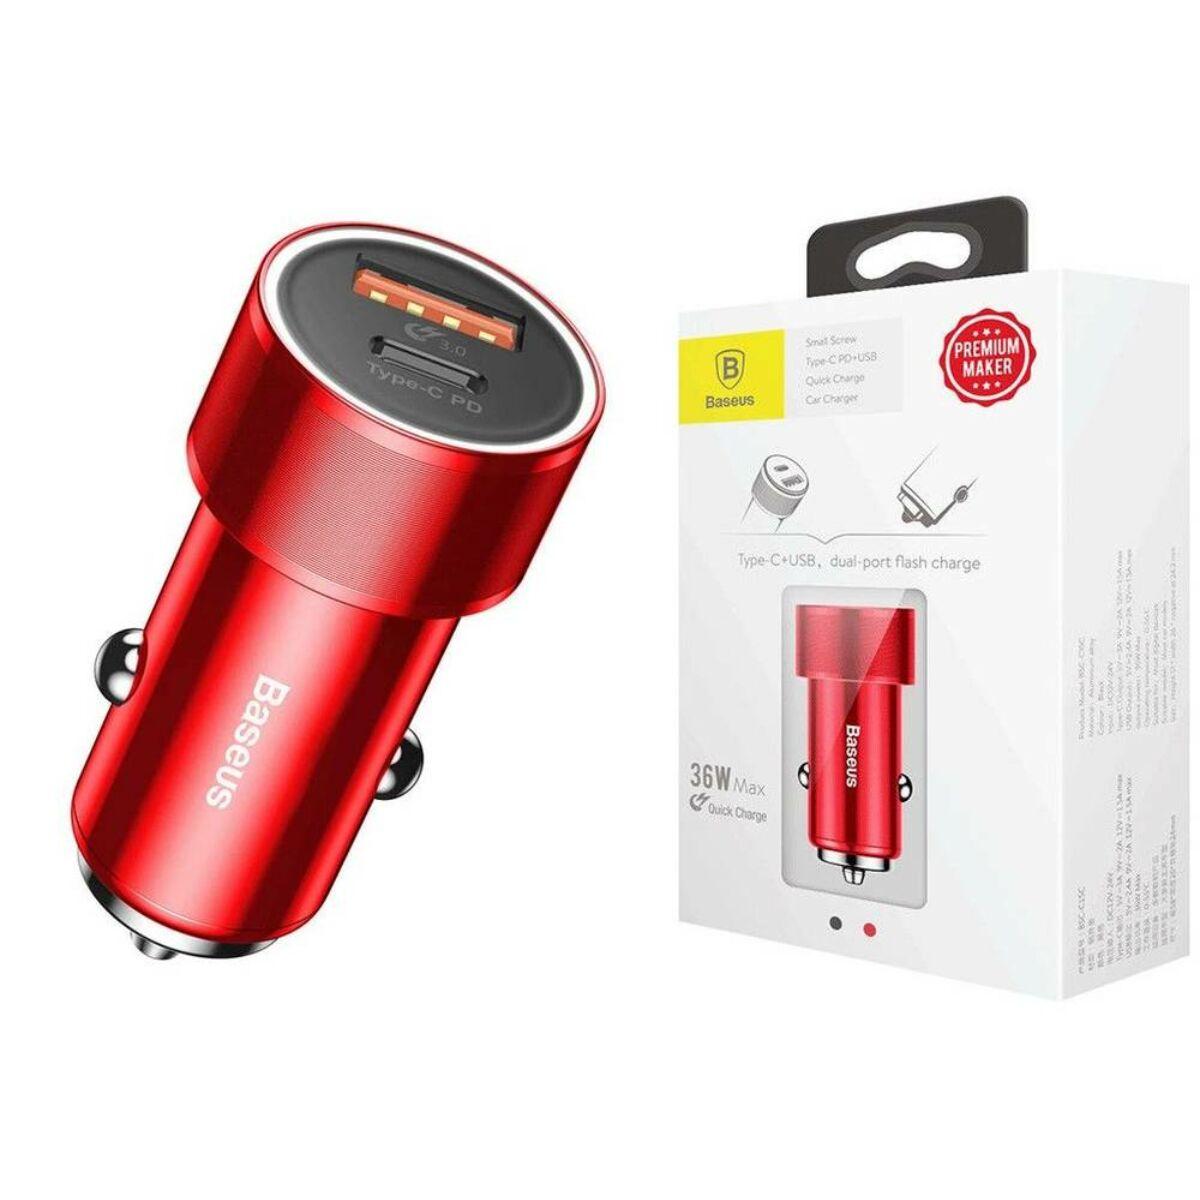 Baseus autós töltő, Small Screw Type-C PD + USB gyors töltés 36W, piros (CAXLD-A09)